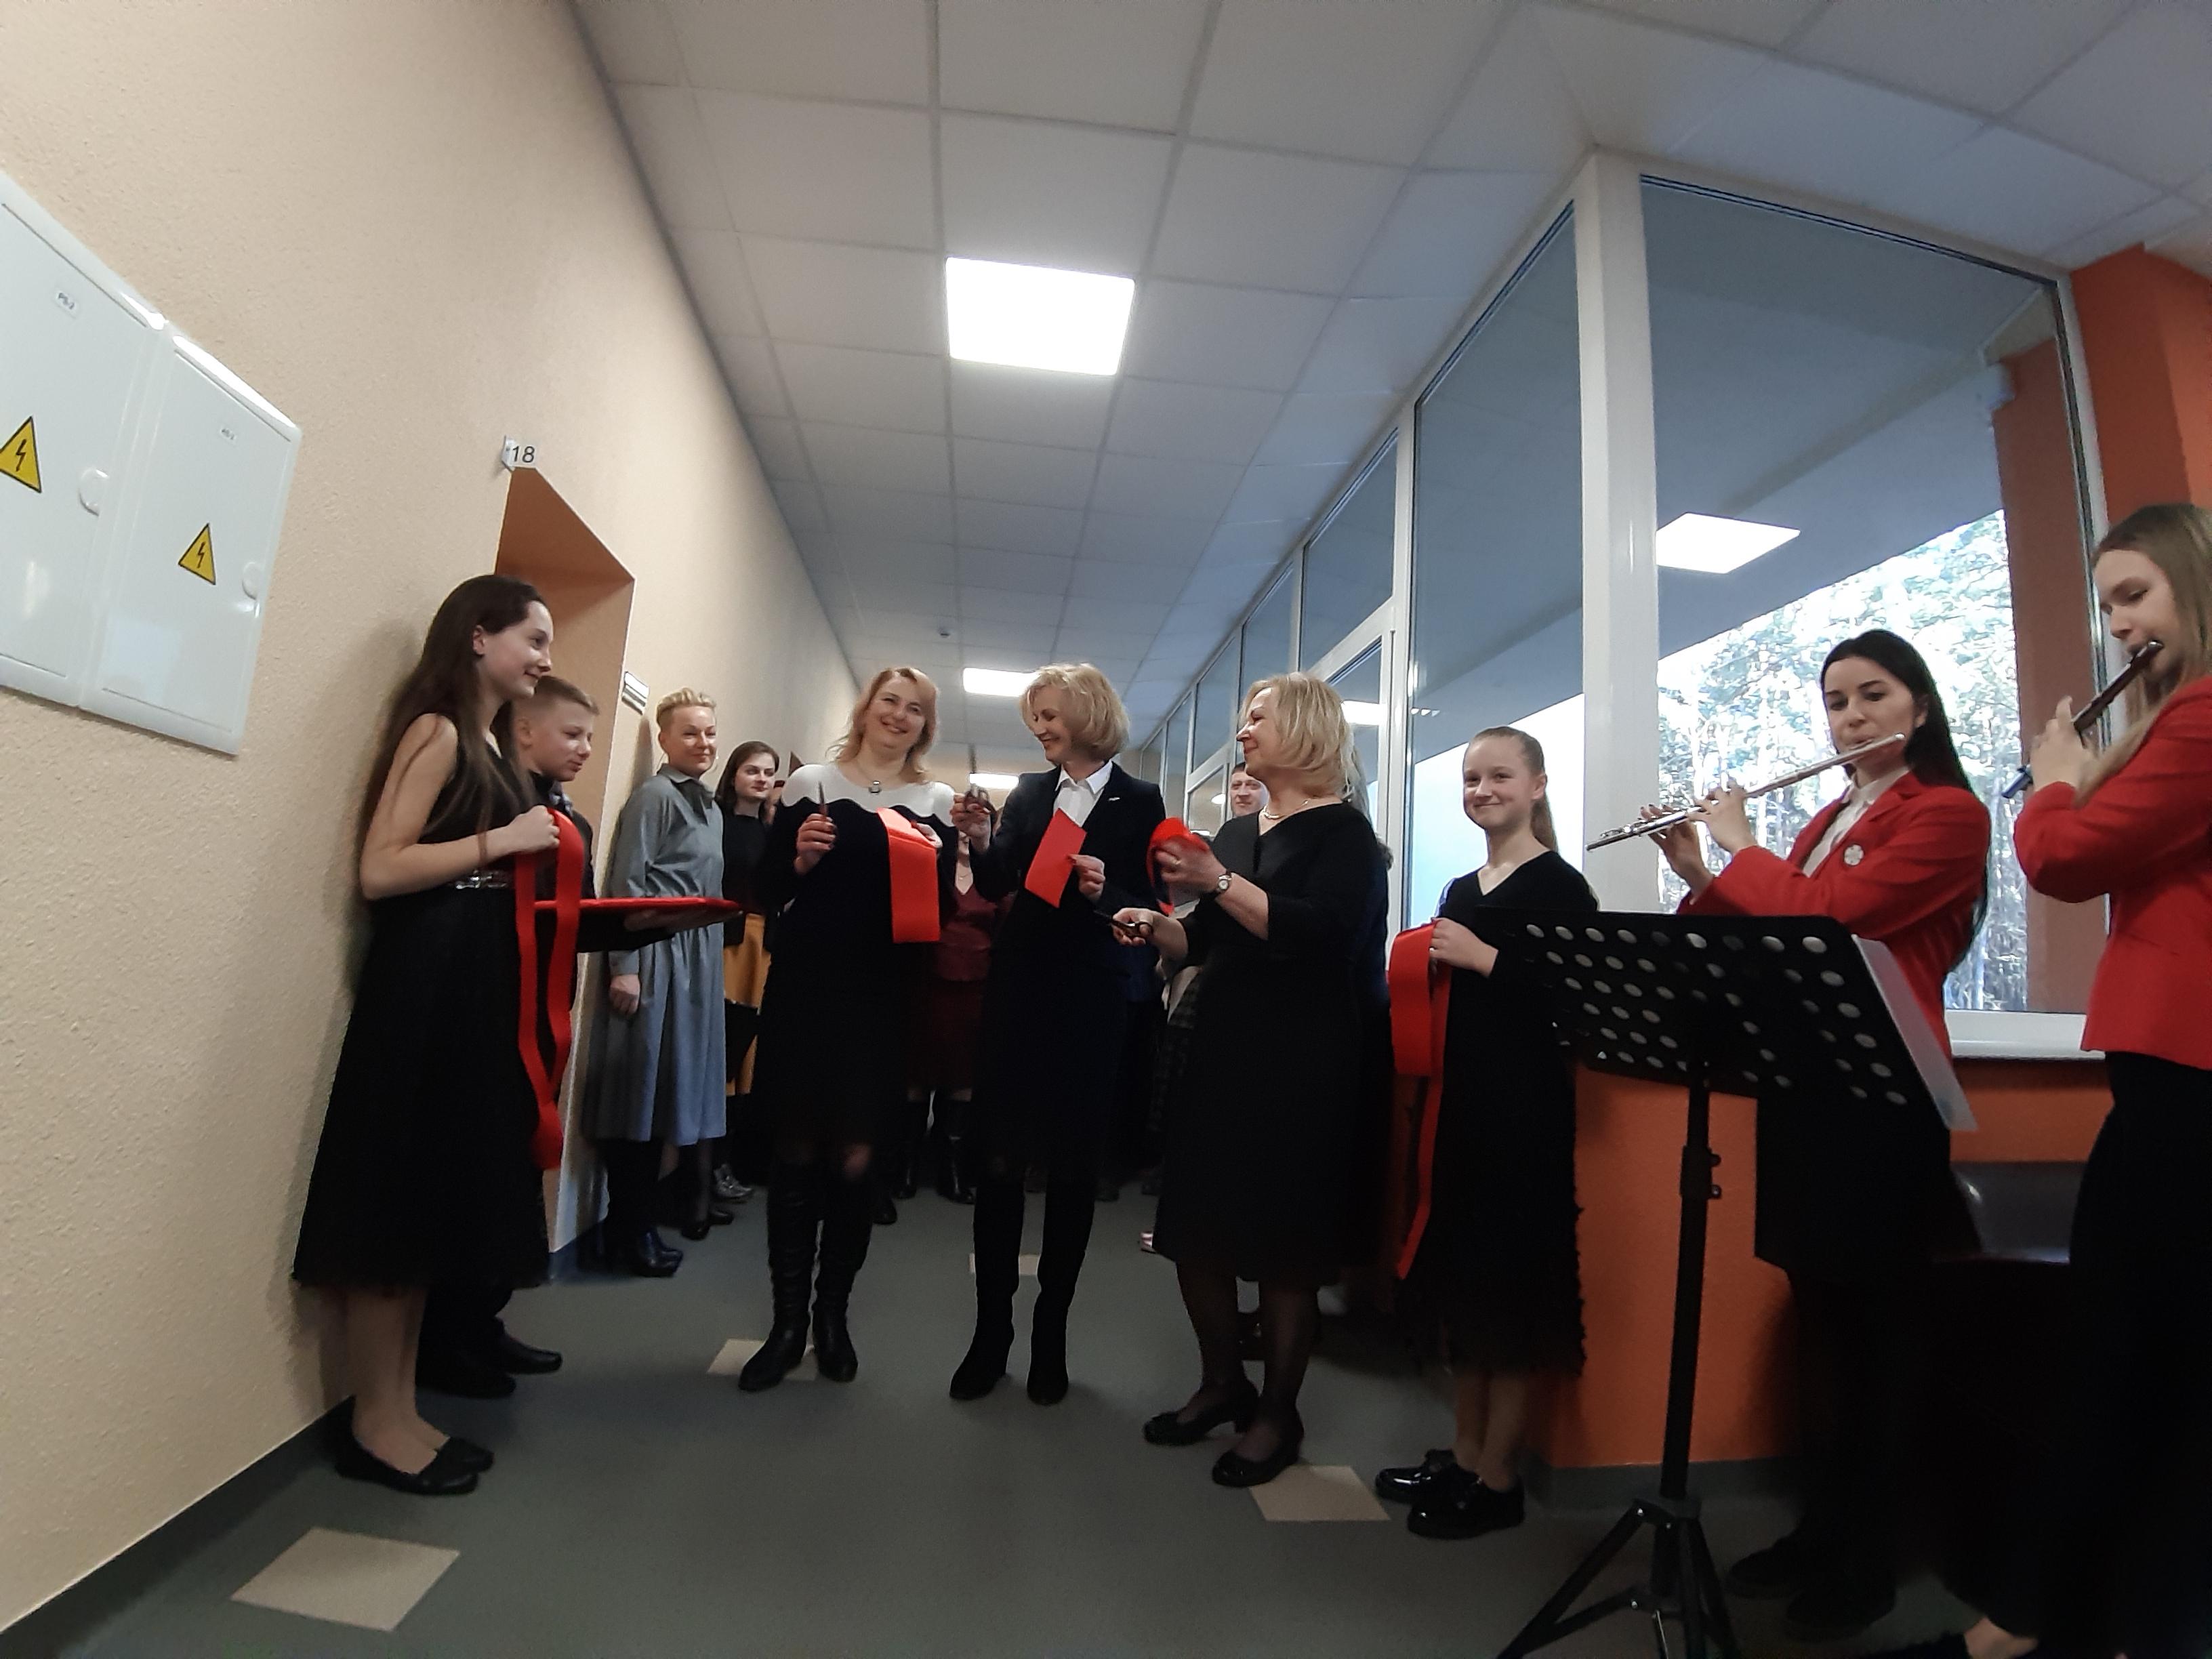 Skambantis sugrįžimas: Alytaus muzikos mokyklos bendruomenė džiaugiasi atnaujintomis patalpomis